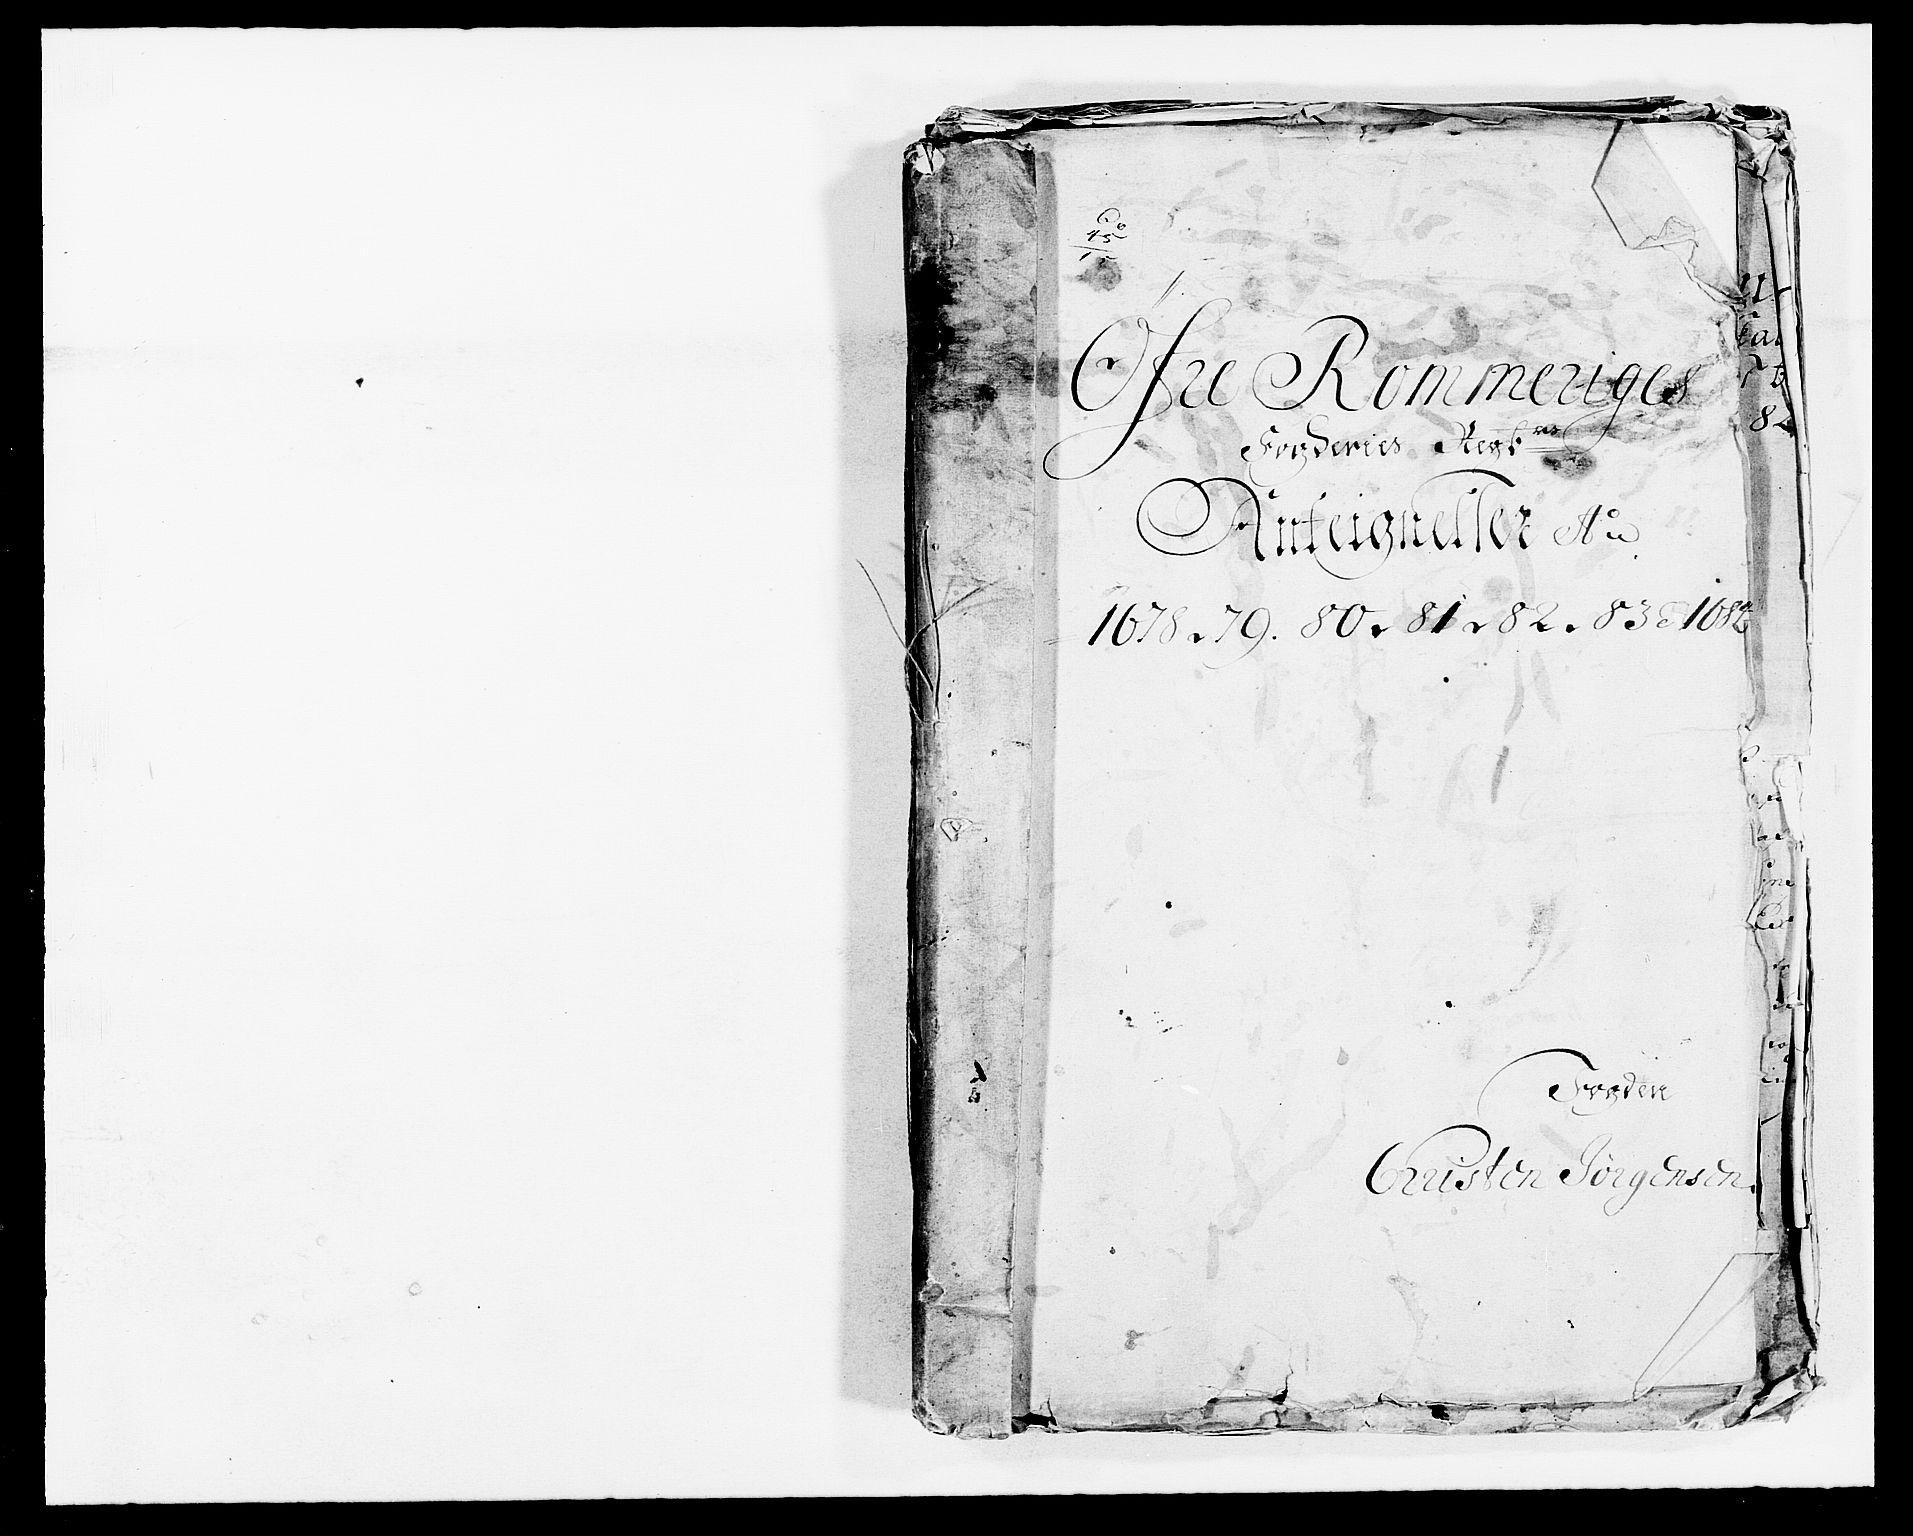 RA, Rentekammeret inntil 1814, Reviderte regnskaper, Fogderegnskap, R12/L0698: Fogderegnskap Øvre Romerike, 1684, s. 118